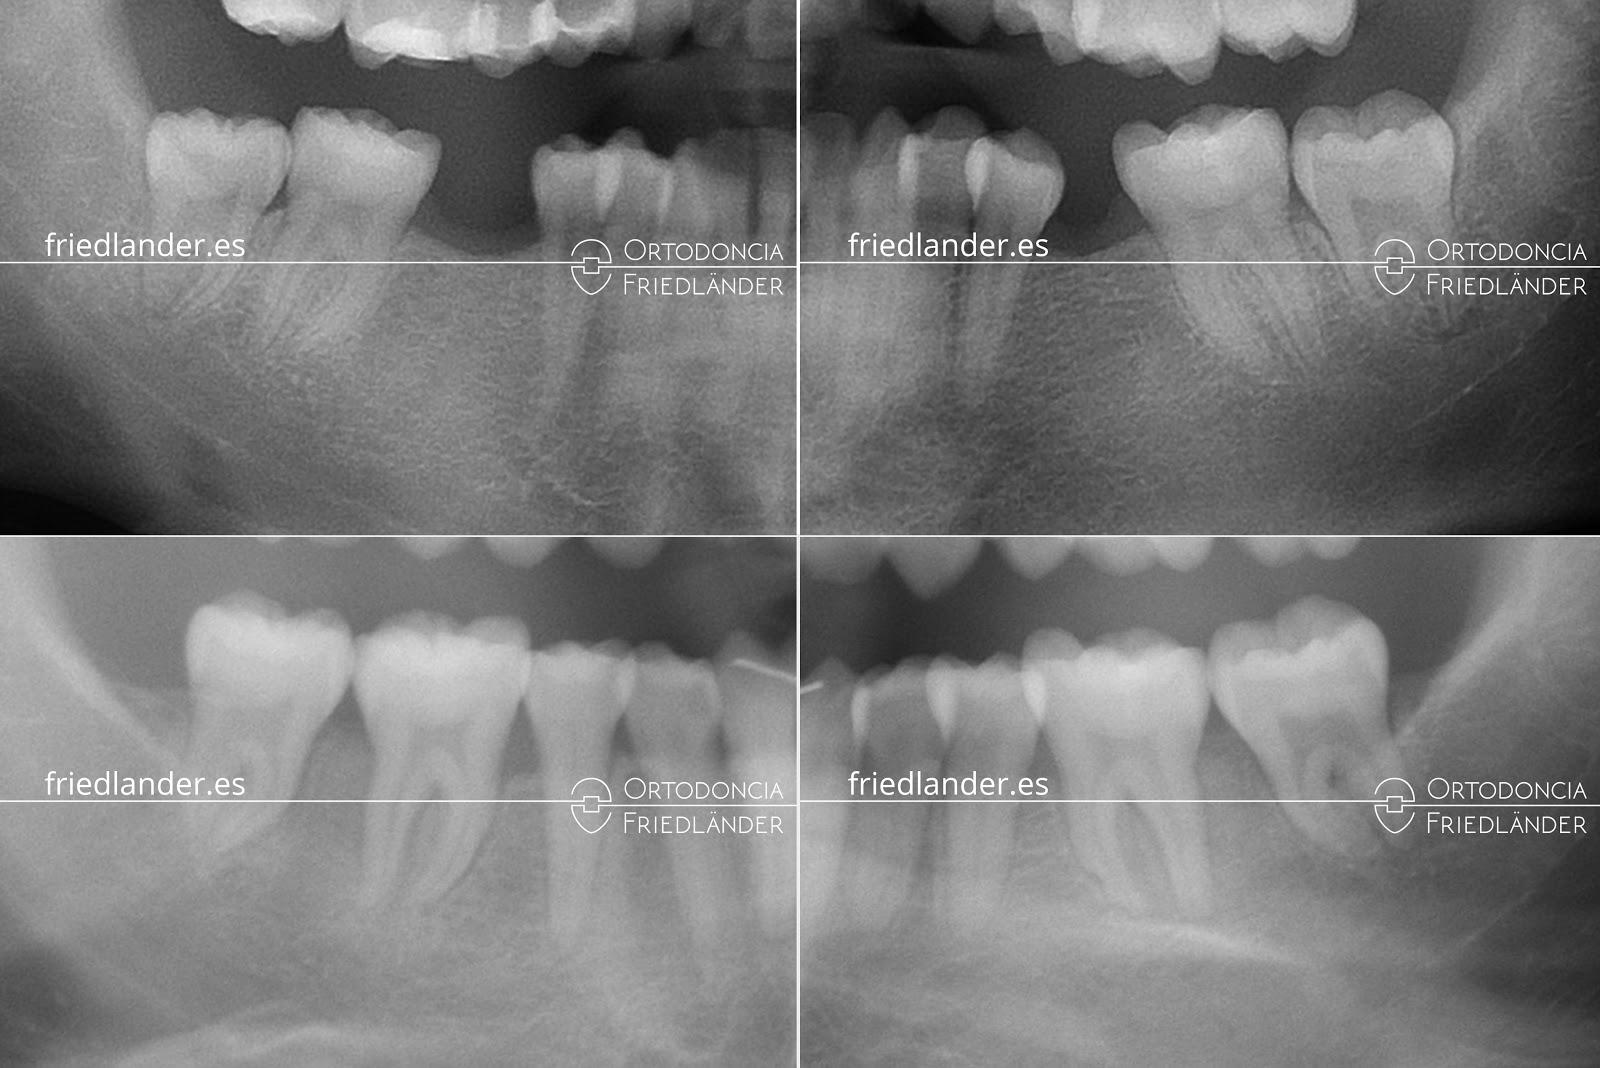 Me falta una muela - ¿se puede cerrar el espacio con ortodoncia? 3